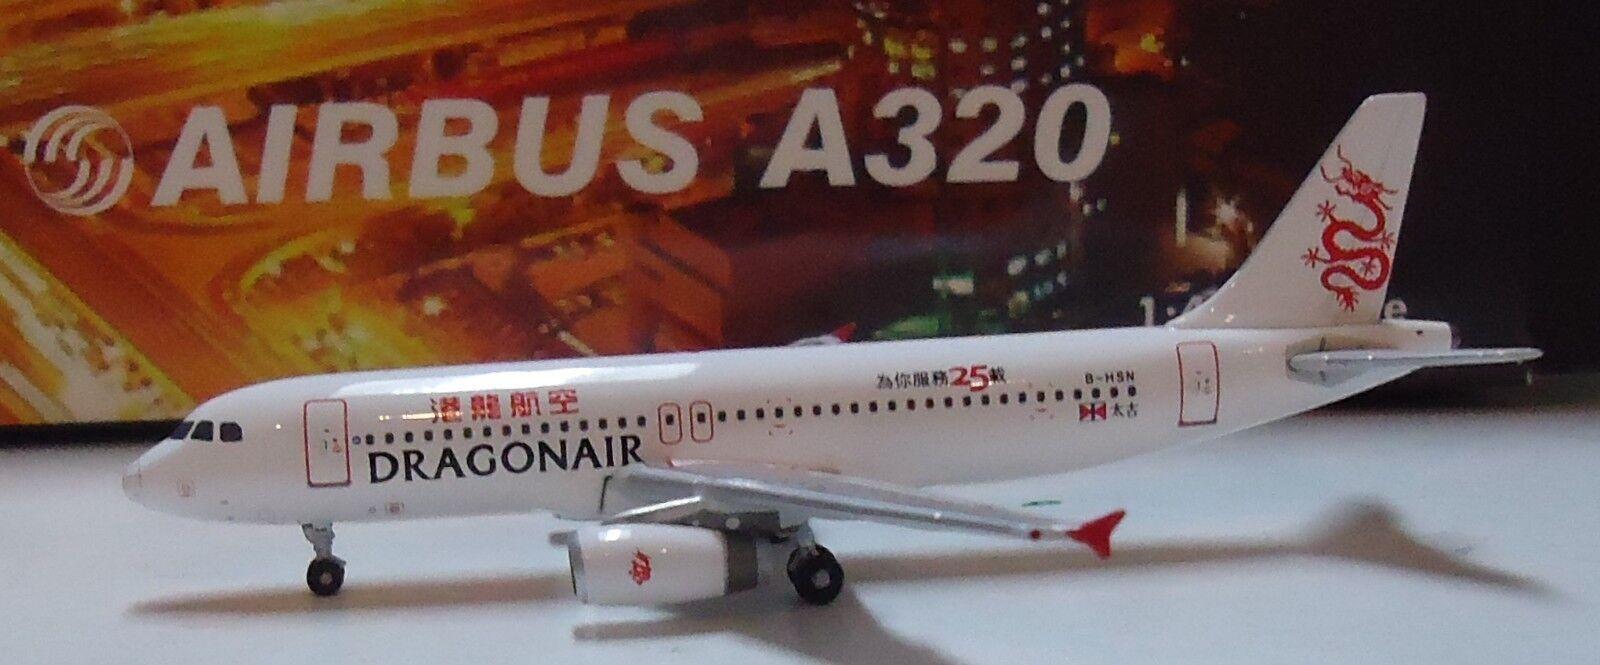 Phoenix 1 400 Dragonair Airlines A320   B-HSN -